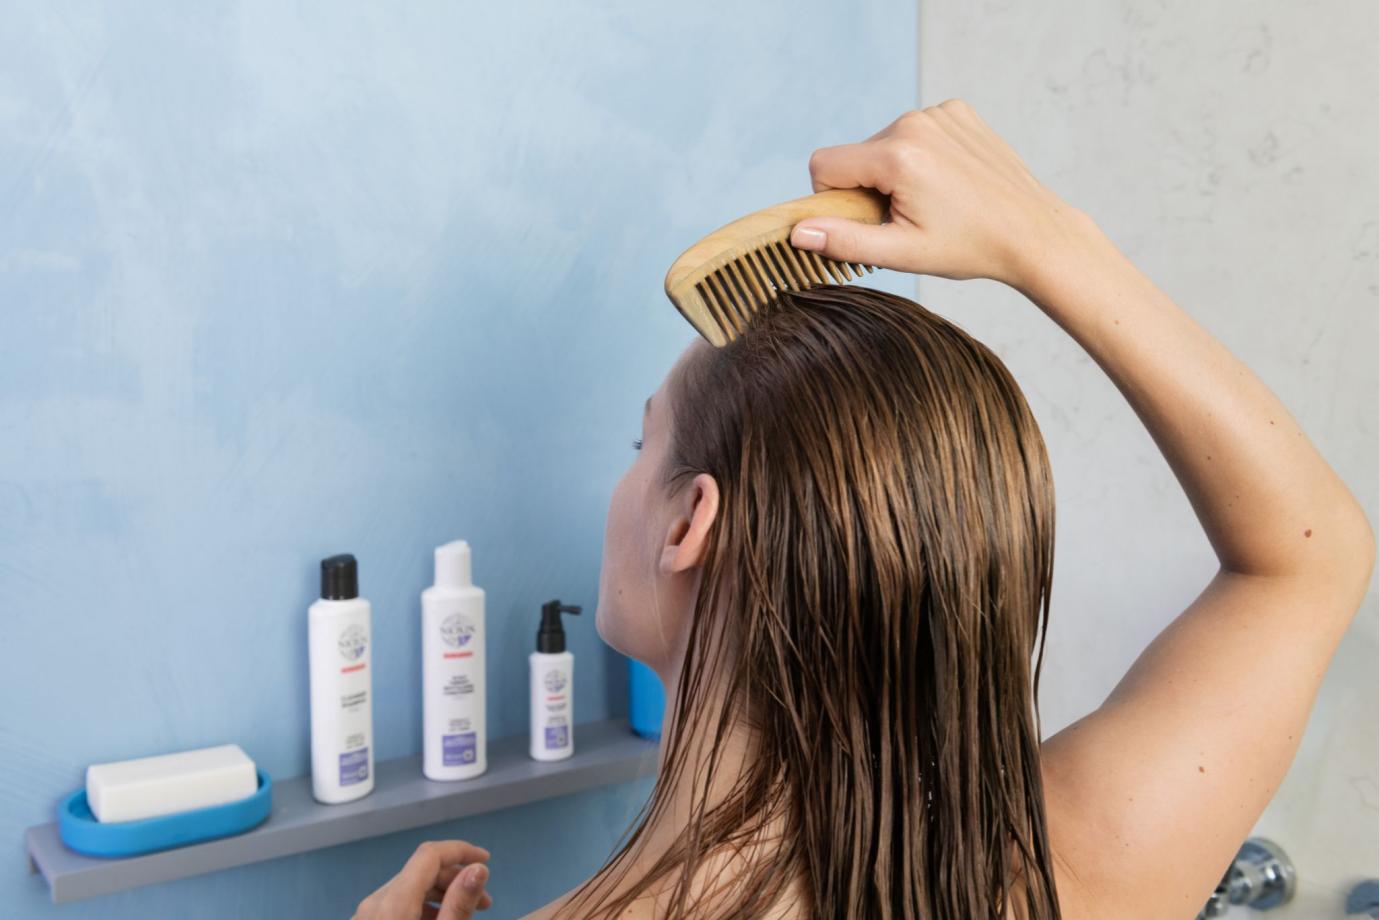 Ám ảnh đầu bết trong nắng hè: Tham khảo ngay 3 cách chăm sóc tóc này, đánh bay nỗi sợ tóc dầu - Ảnh 1.